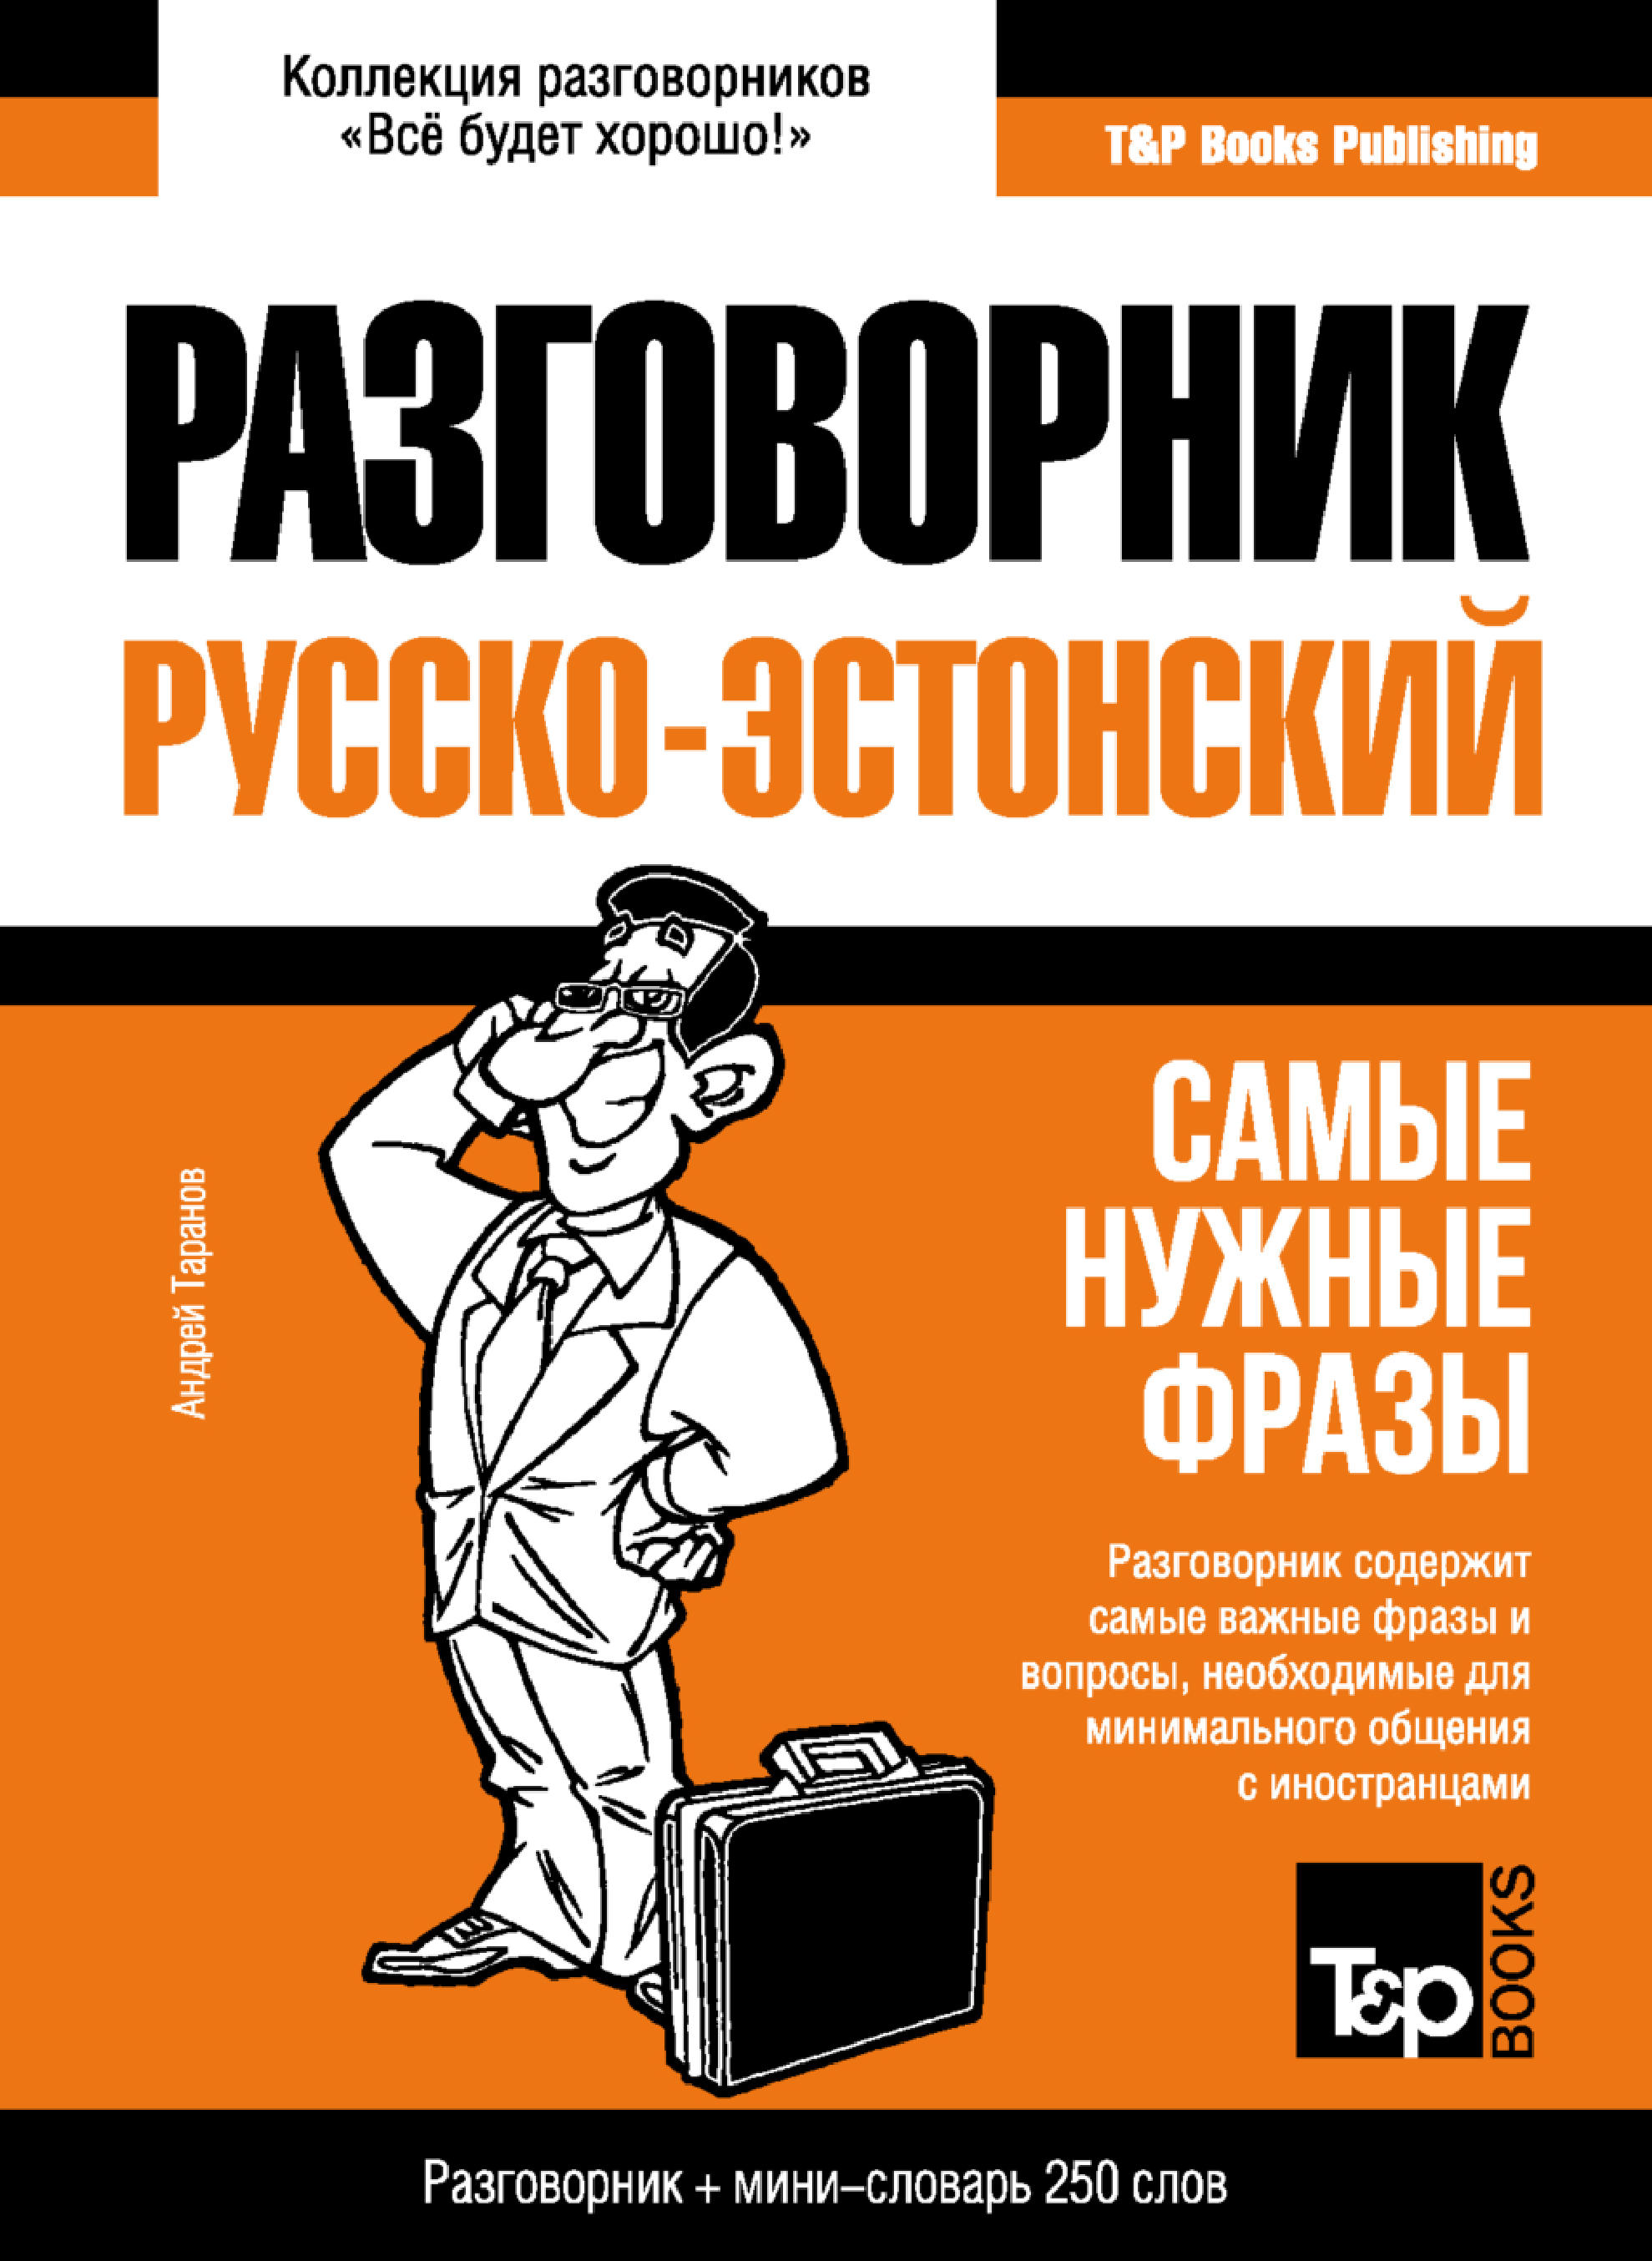 Эстонский разговорник и мини-словарь